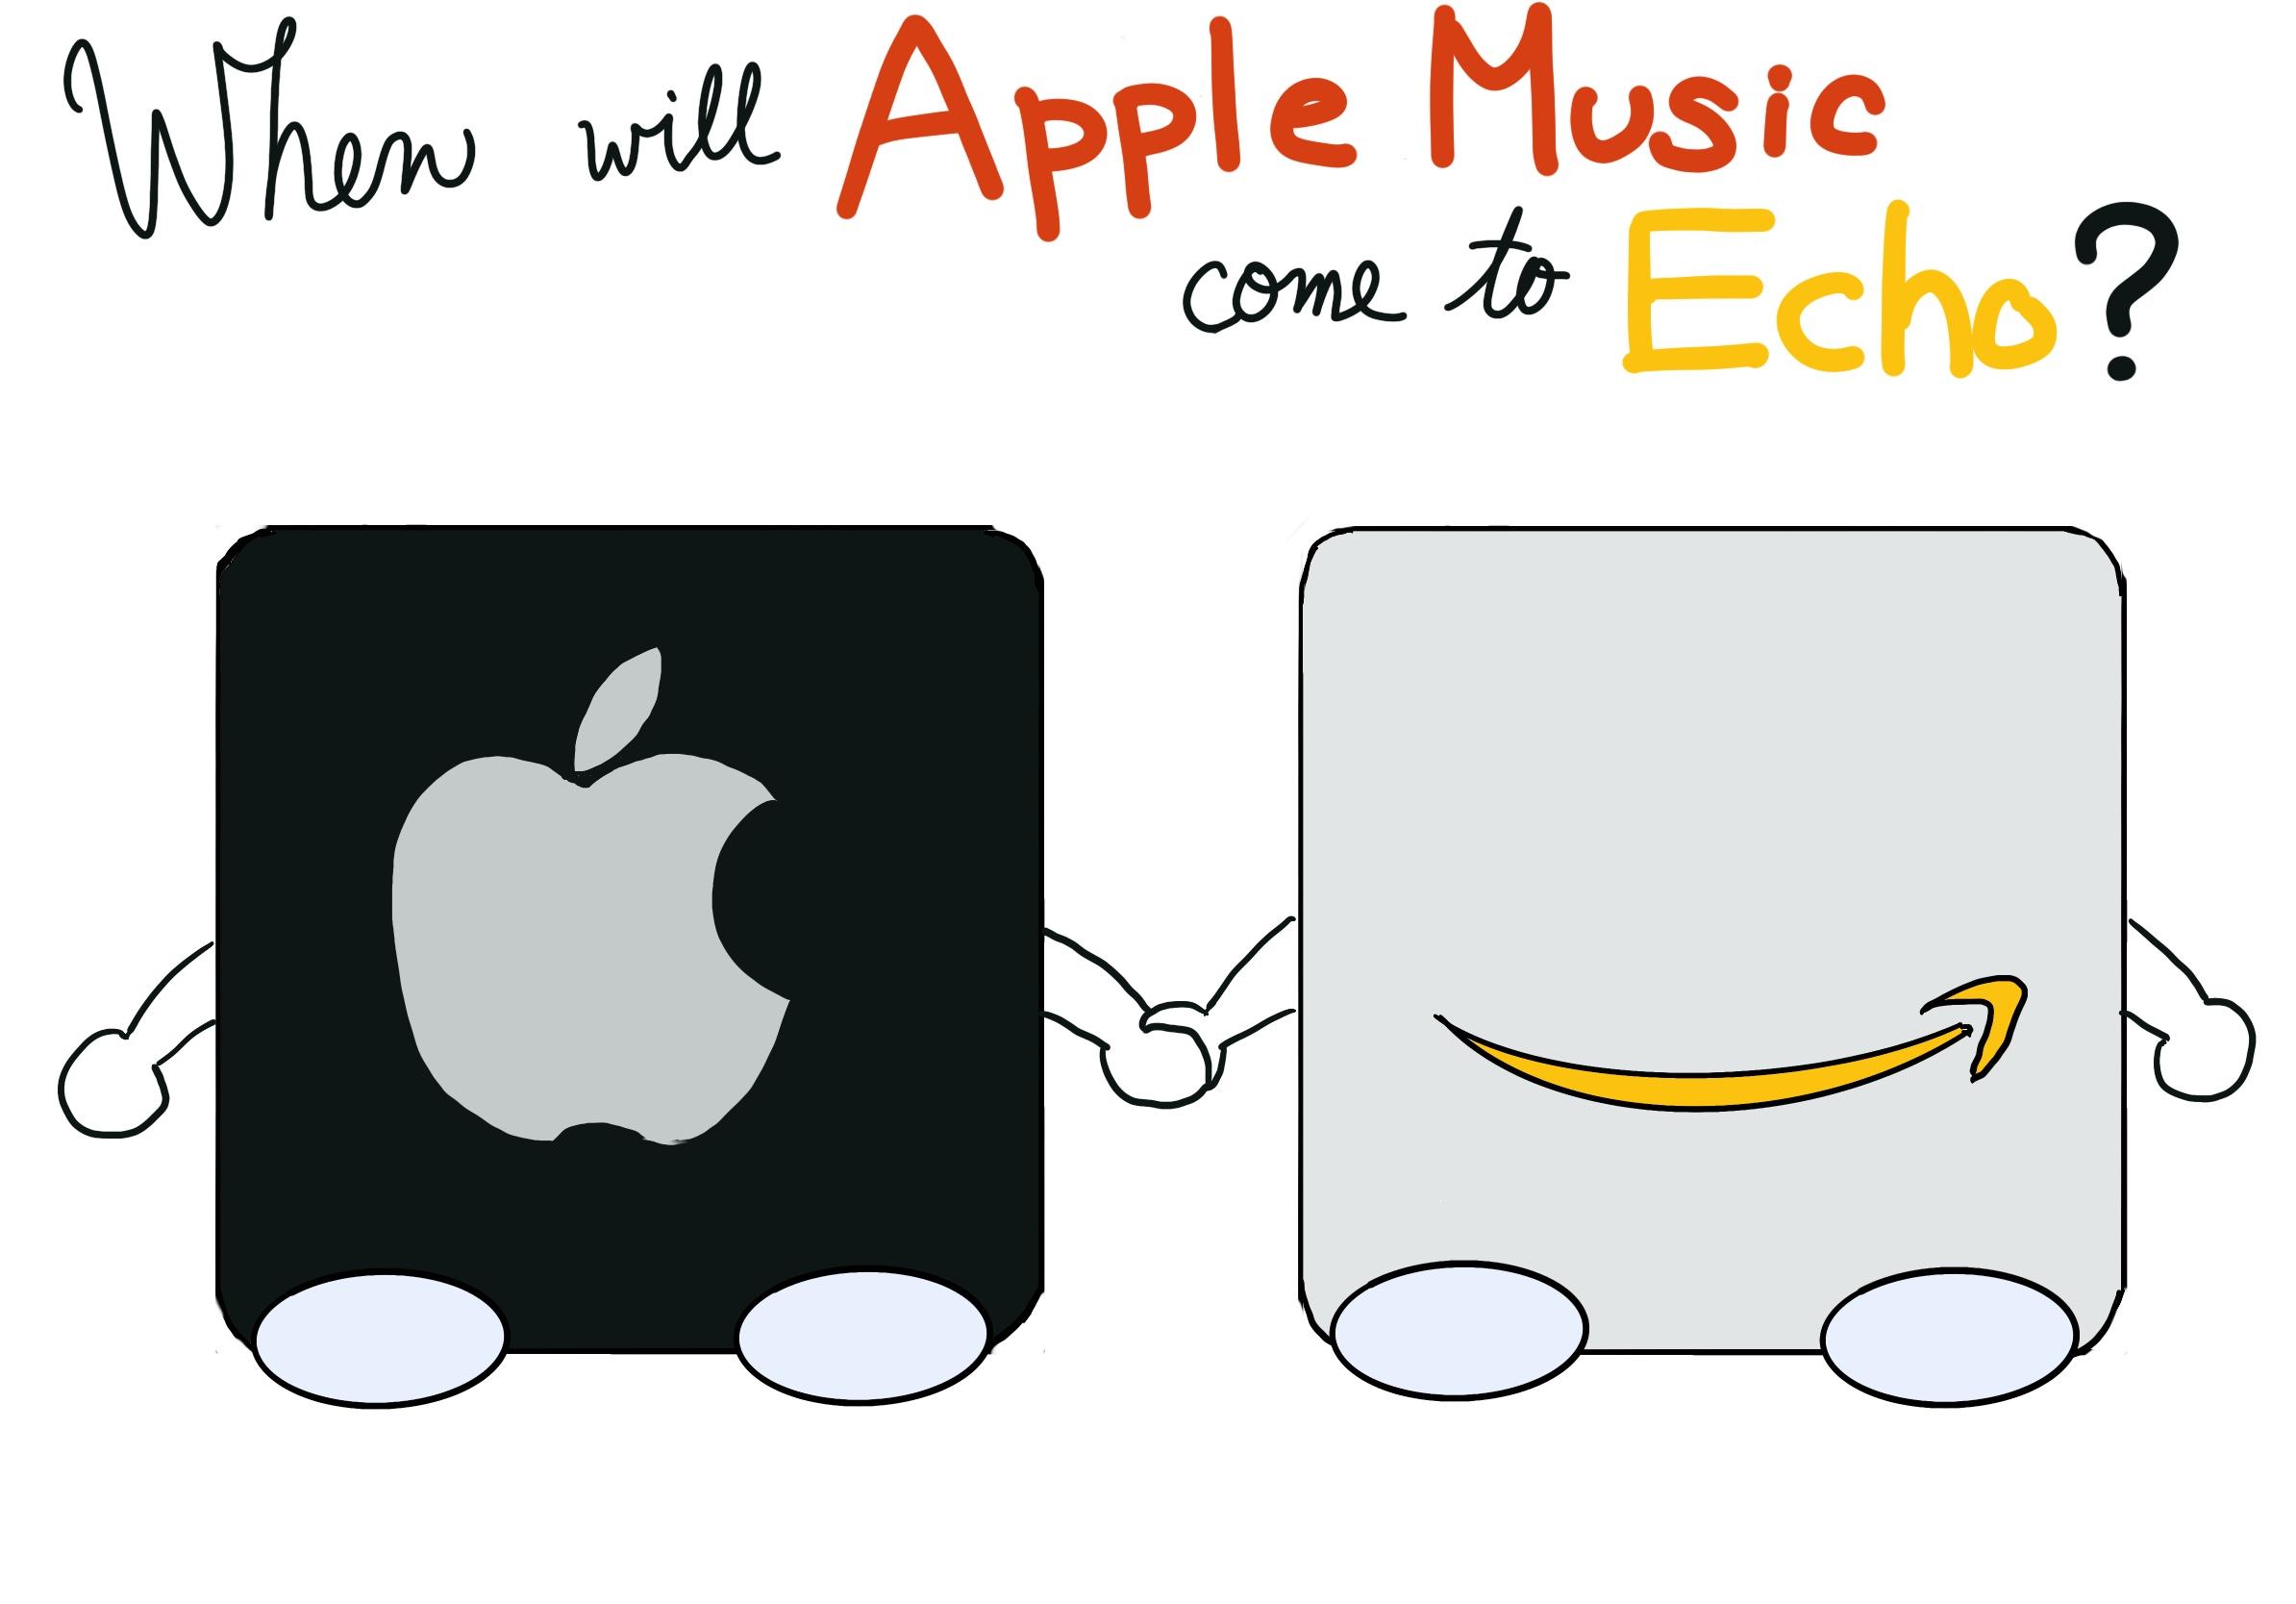 Apple Musicが、日本でEchoに対応するのはいつになるのか? 予想してみた【6/26追記:対応済み】